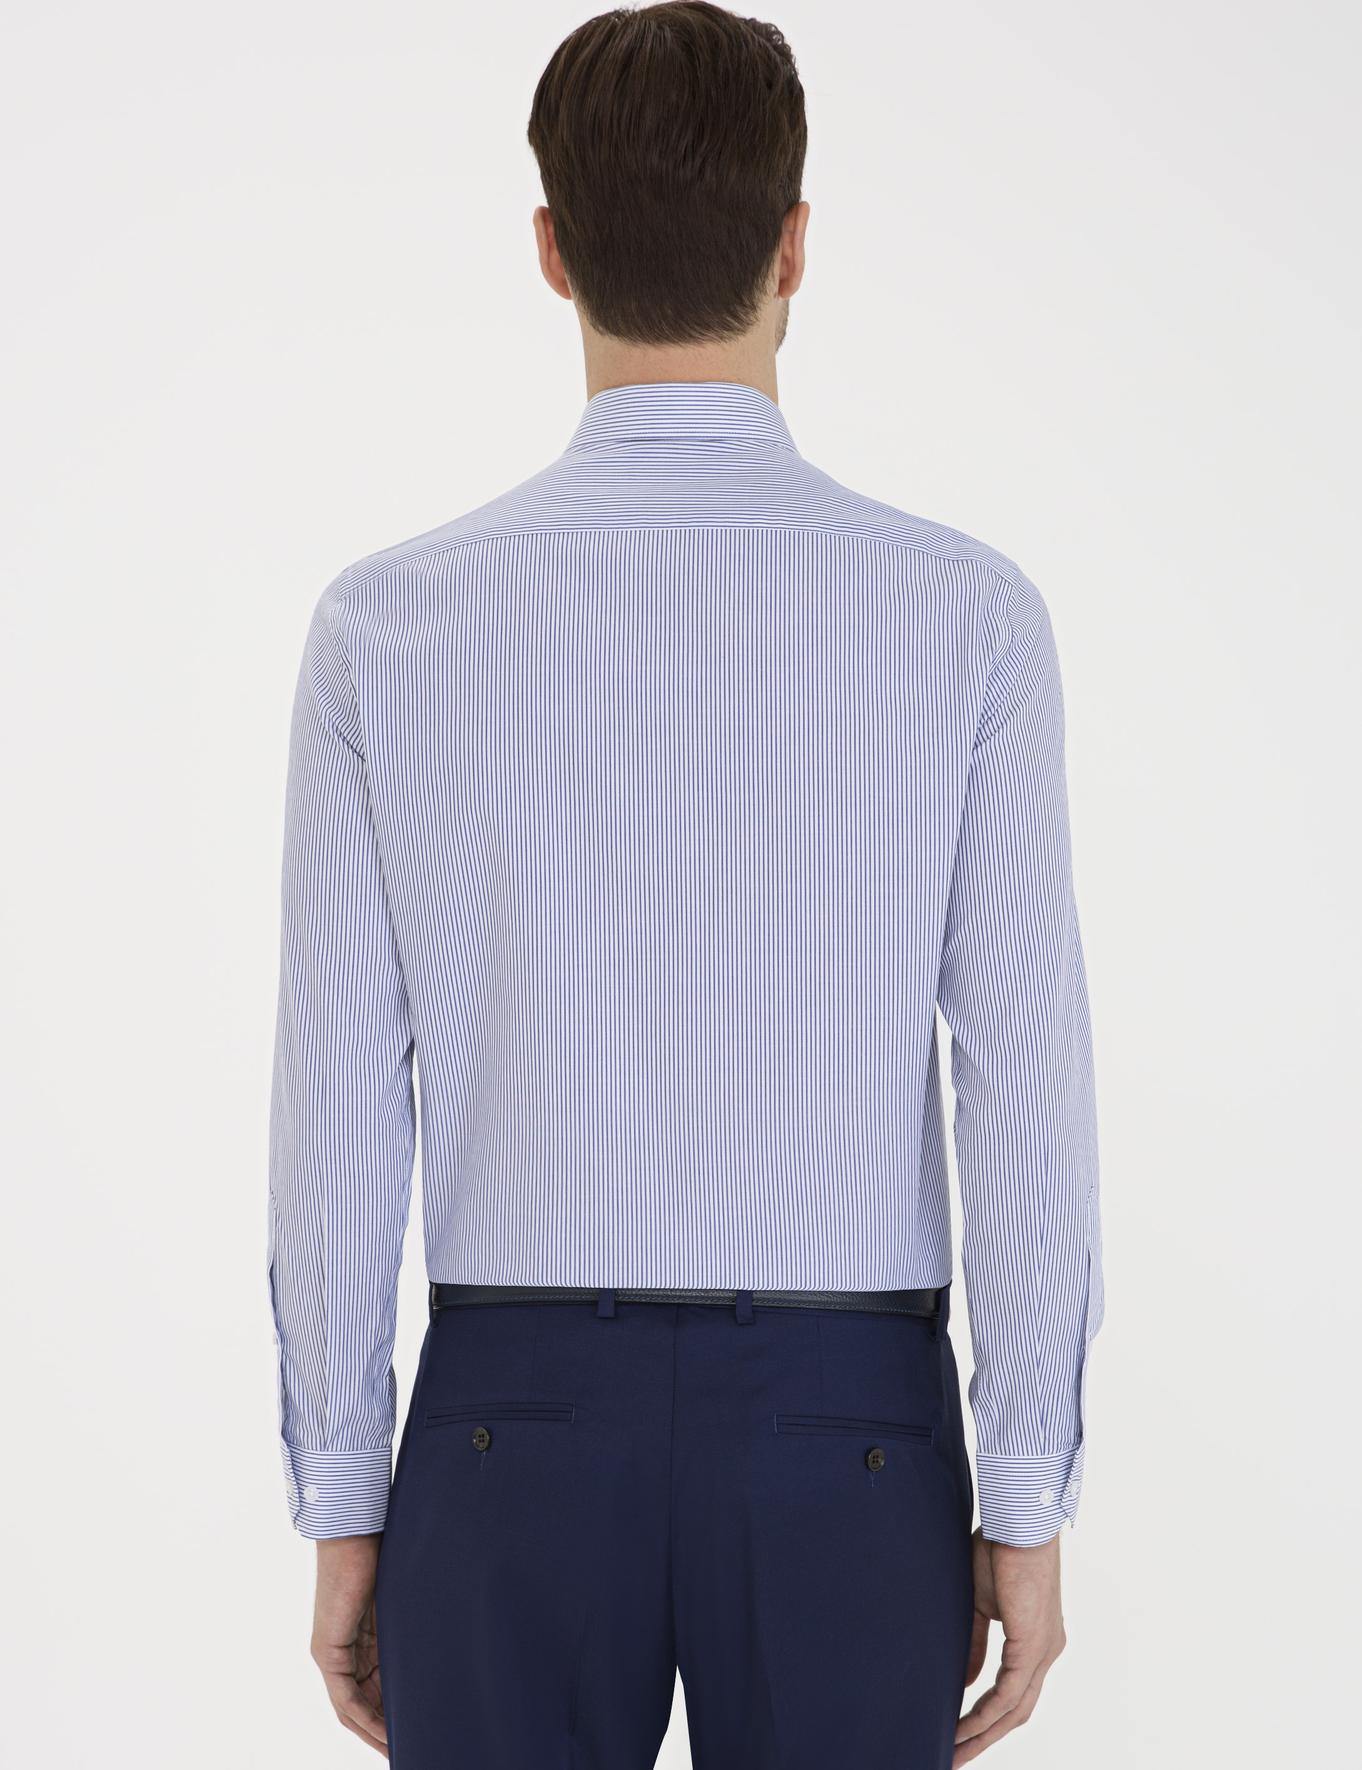 Mavi Slim Fit Gömlek - 50227537005